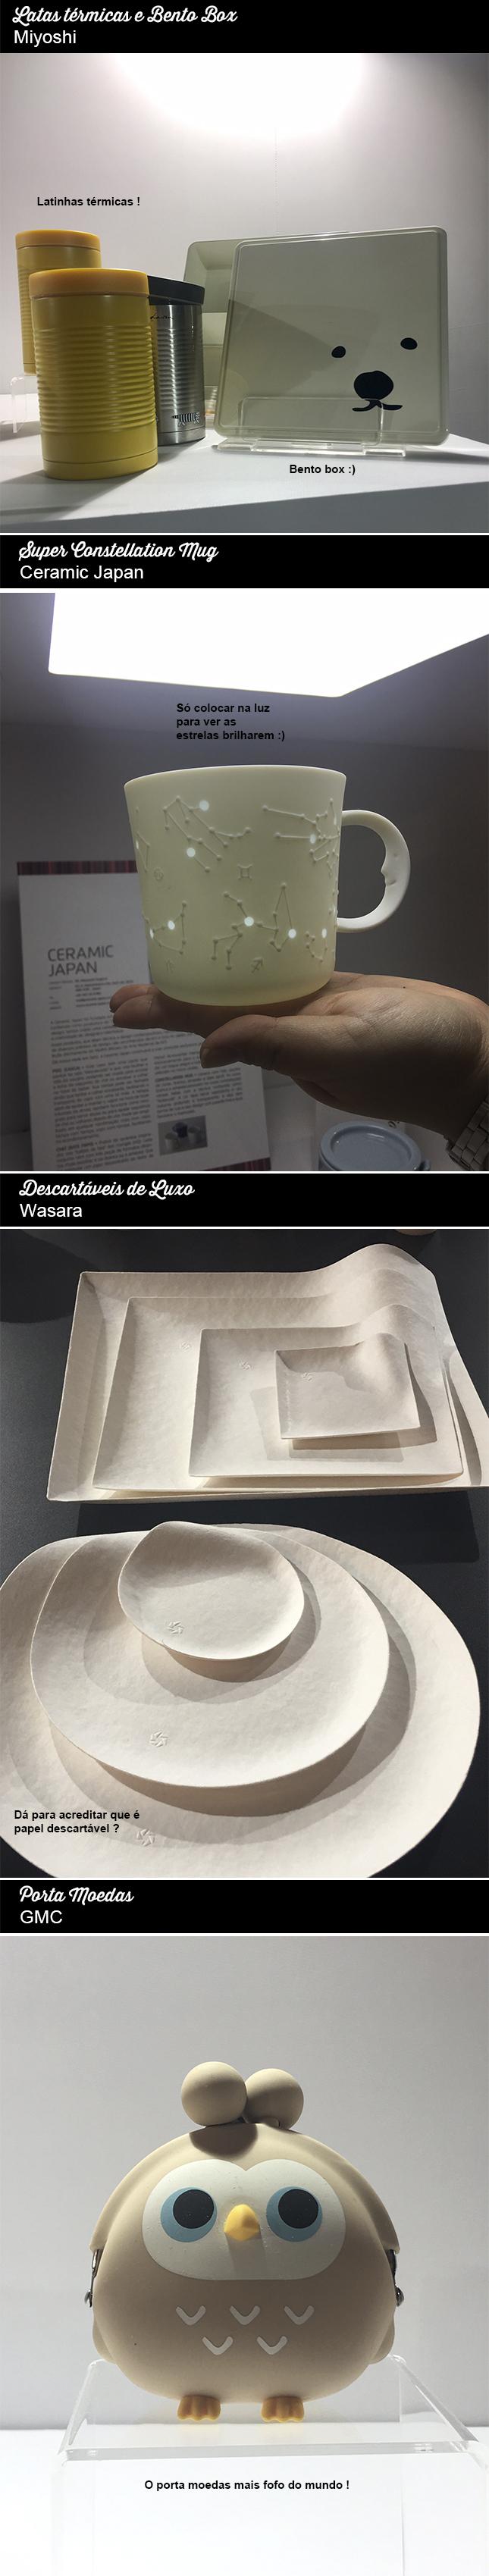 paralela-gift-decoradornet-objetos-em-destaque-japao